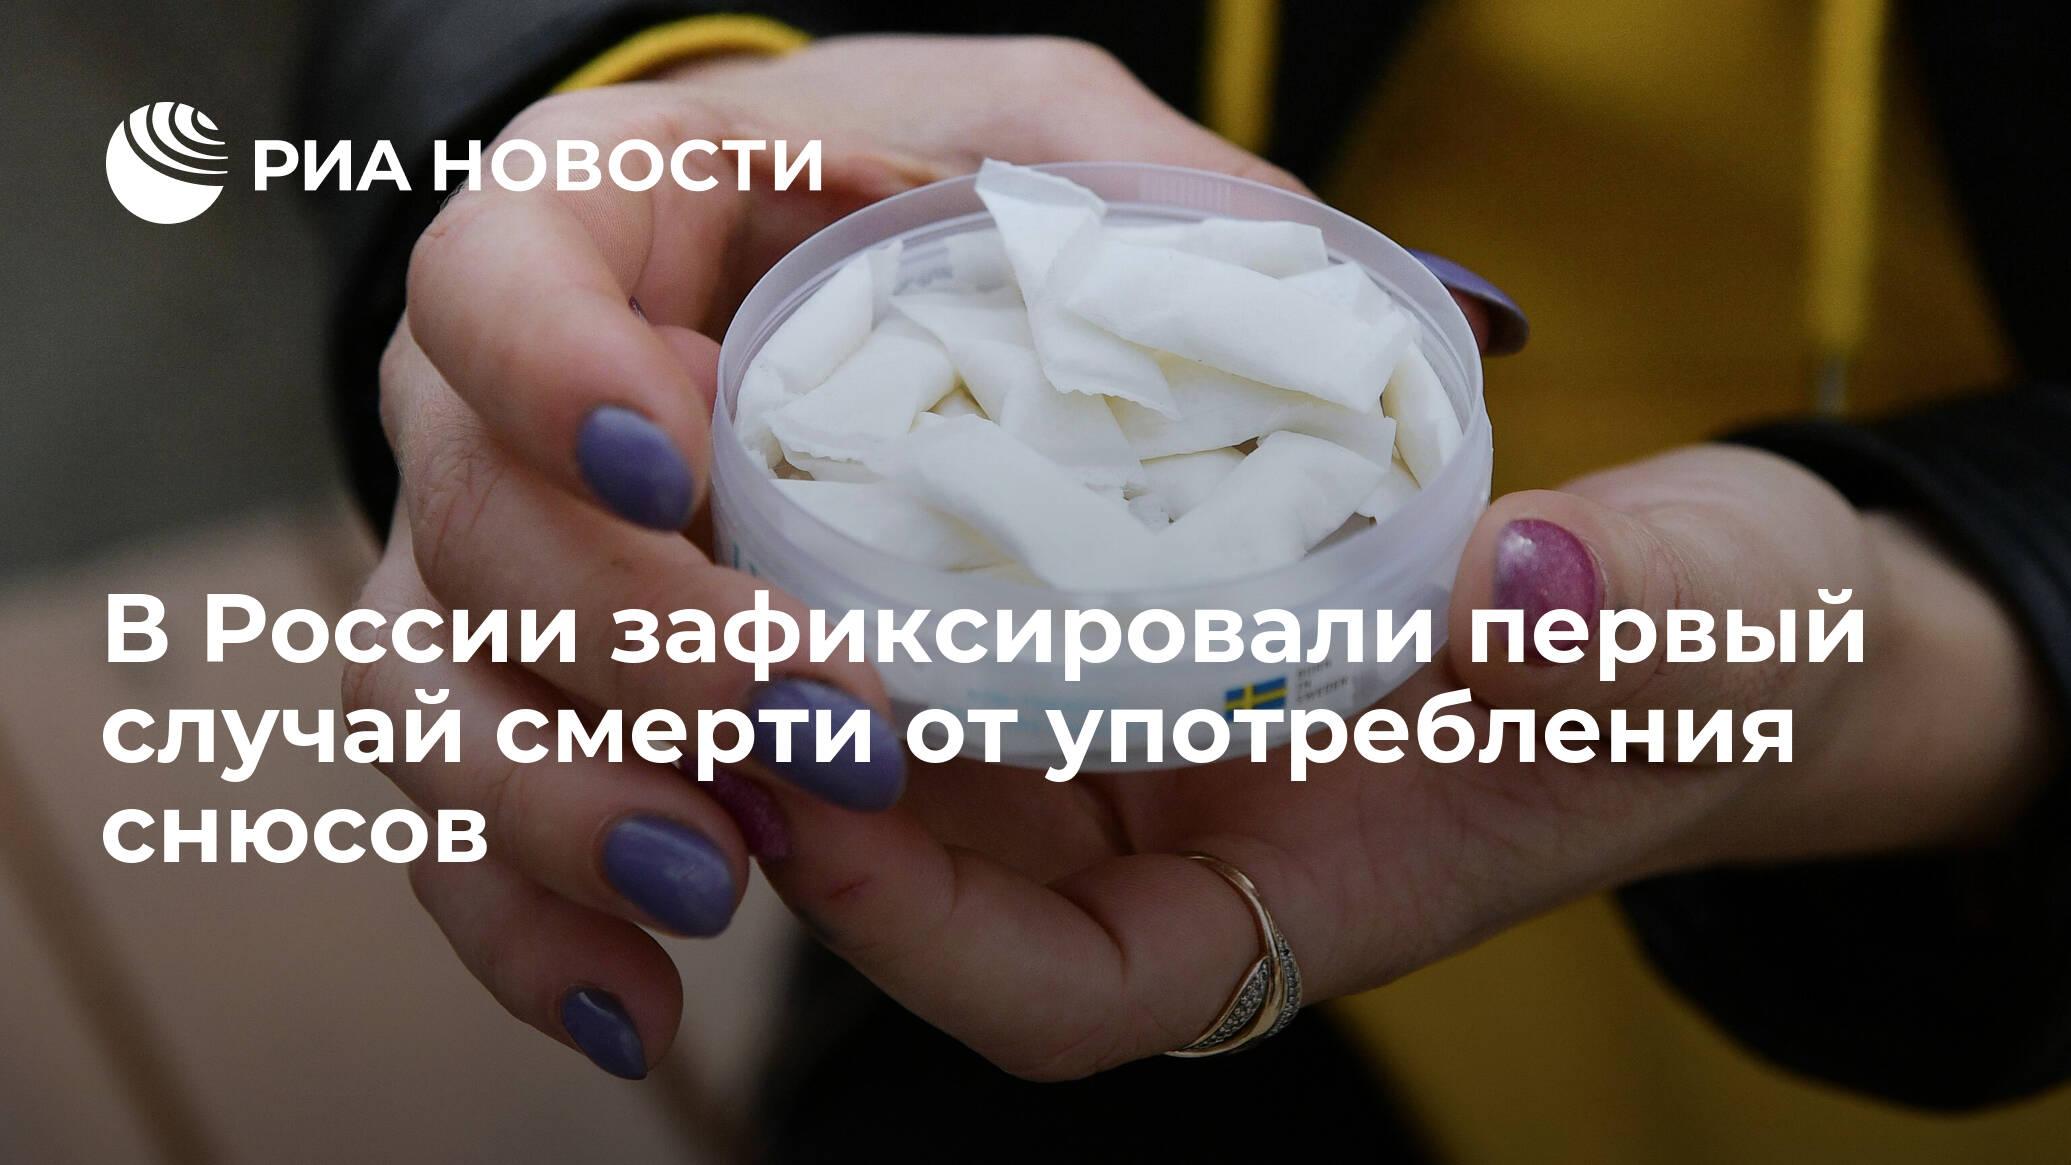 В России зафиксировали первый случай смерти от употребления снюсов